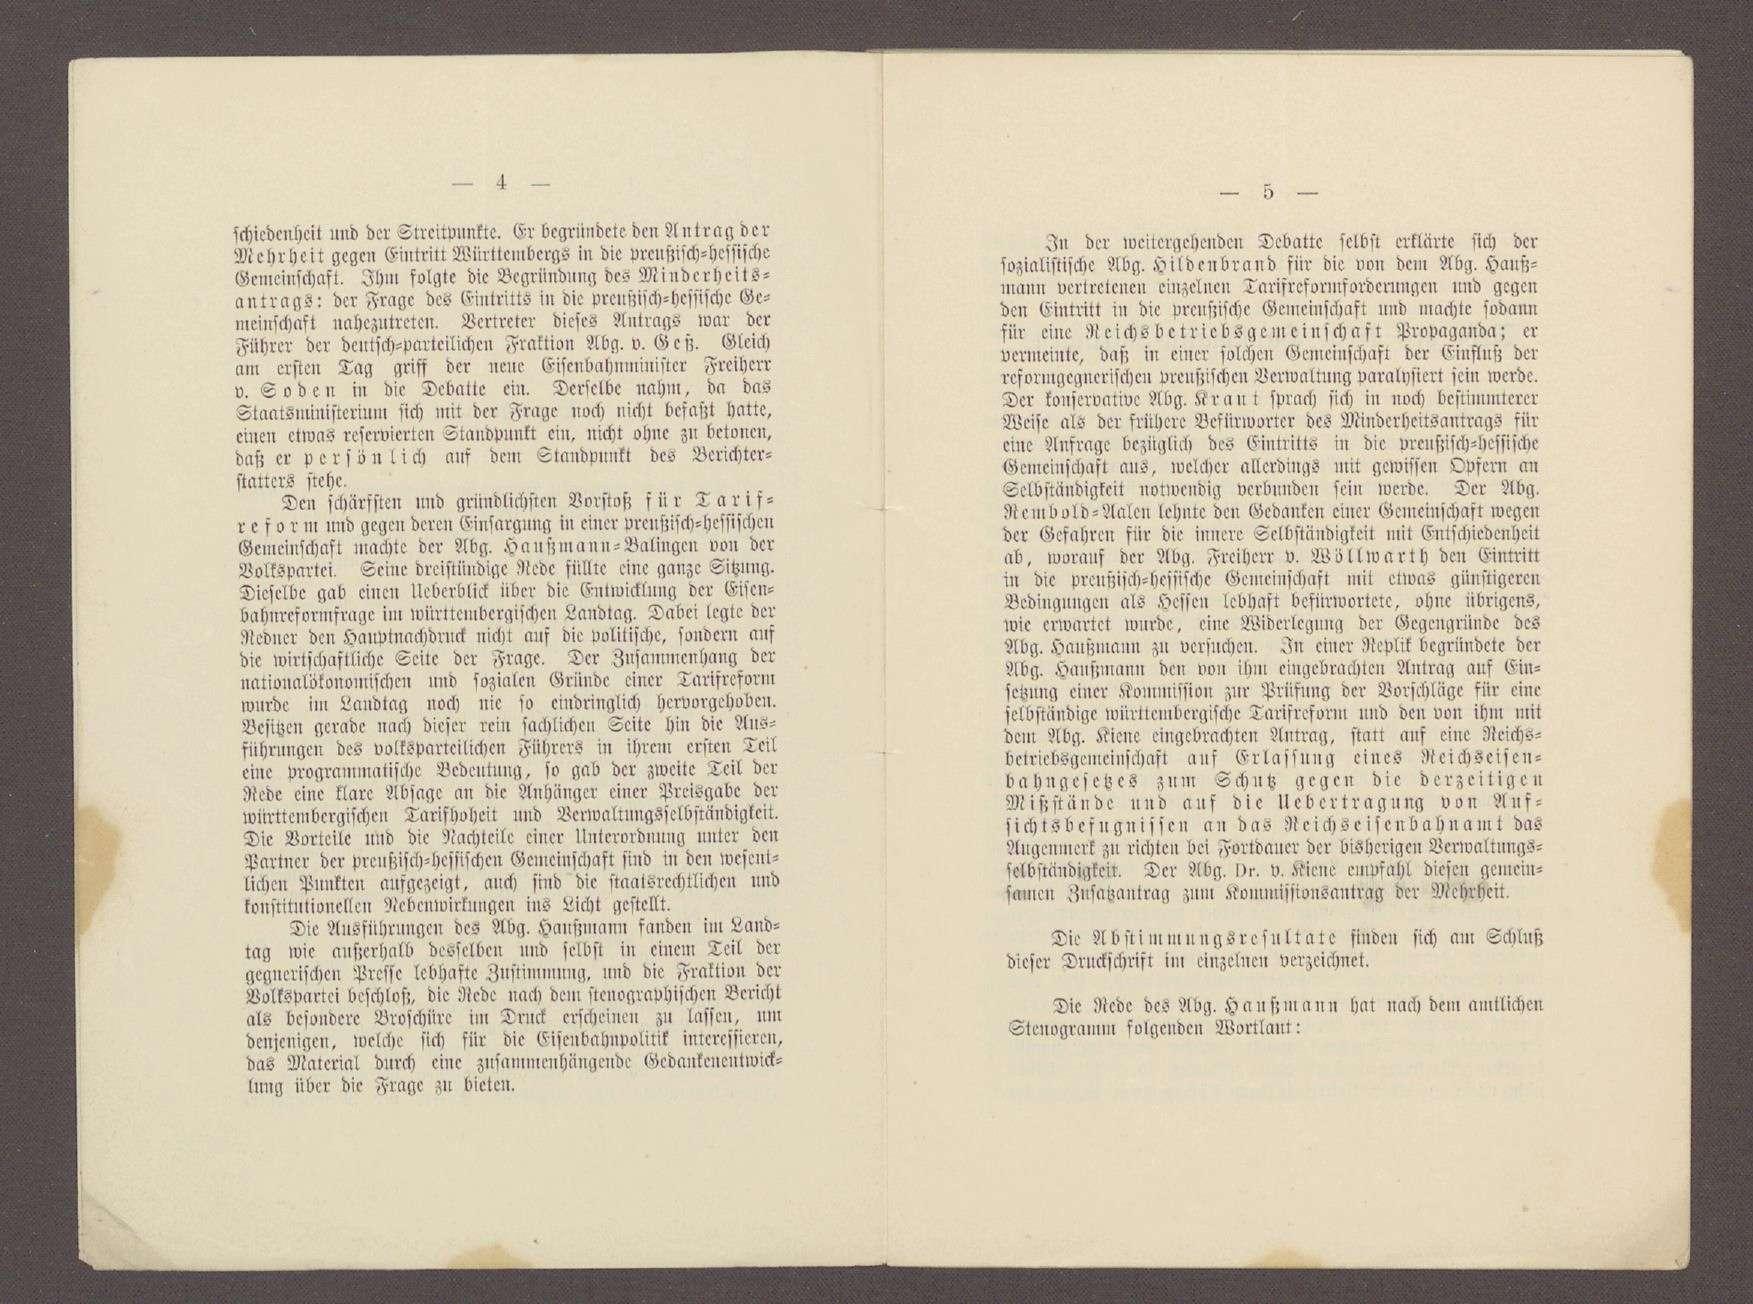 Druckschrift: Haußmann, Conrad: Eisenbahnpolitik - Tarifreform und preußisch-hessische Eisenbahngemeinschaft, Rede vor dem württembergischen Landtag vom 09.05.1901, Stuttgart, Bild 3